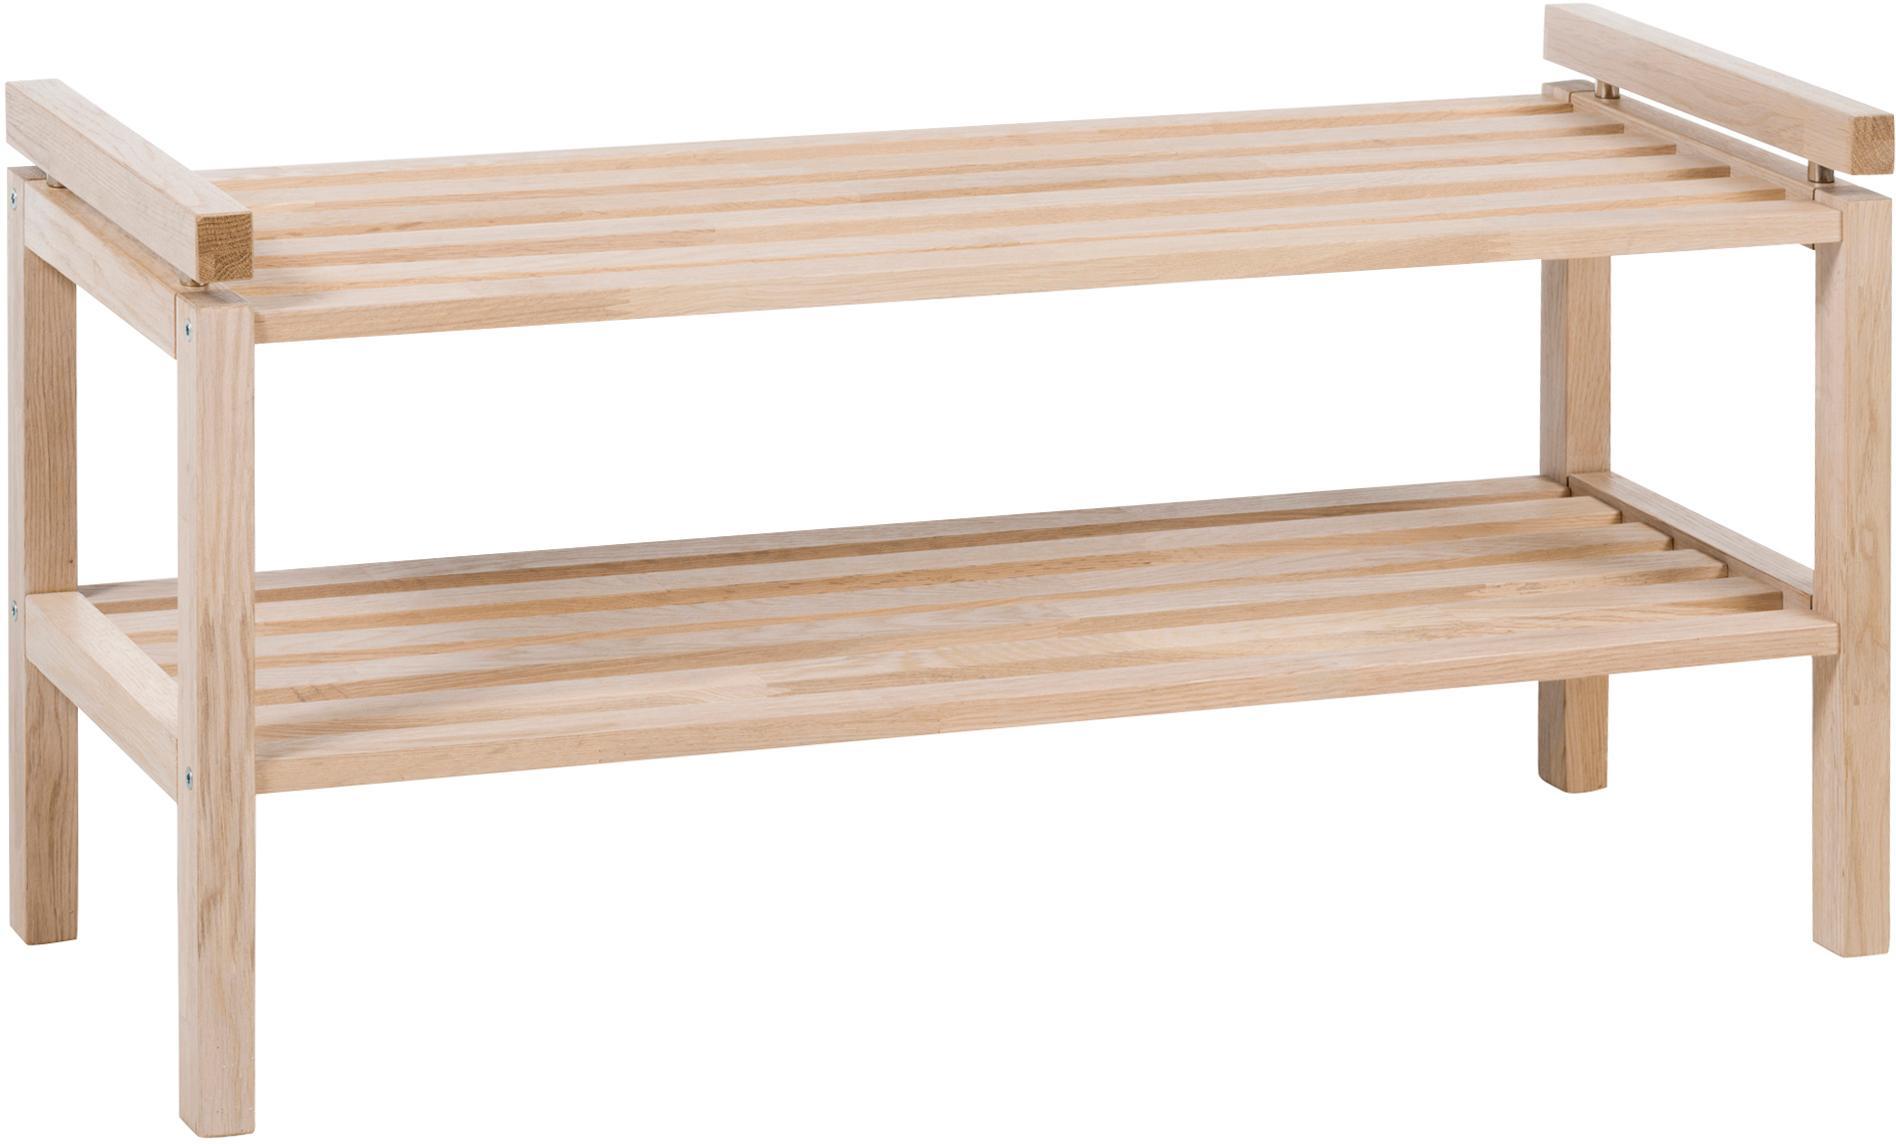 Scarpiera in legno con 2 ripiani Confetti, Legno di quercia massiccio, verniciato, Legno di quercia bianco lavato, Larg. 80 x Alt. 40 cm